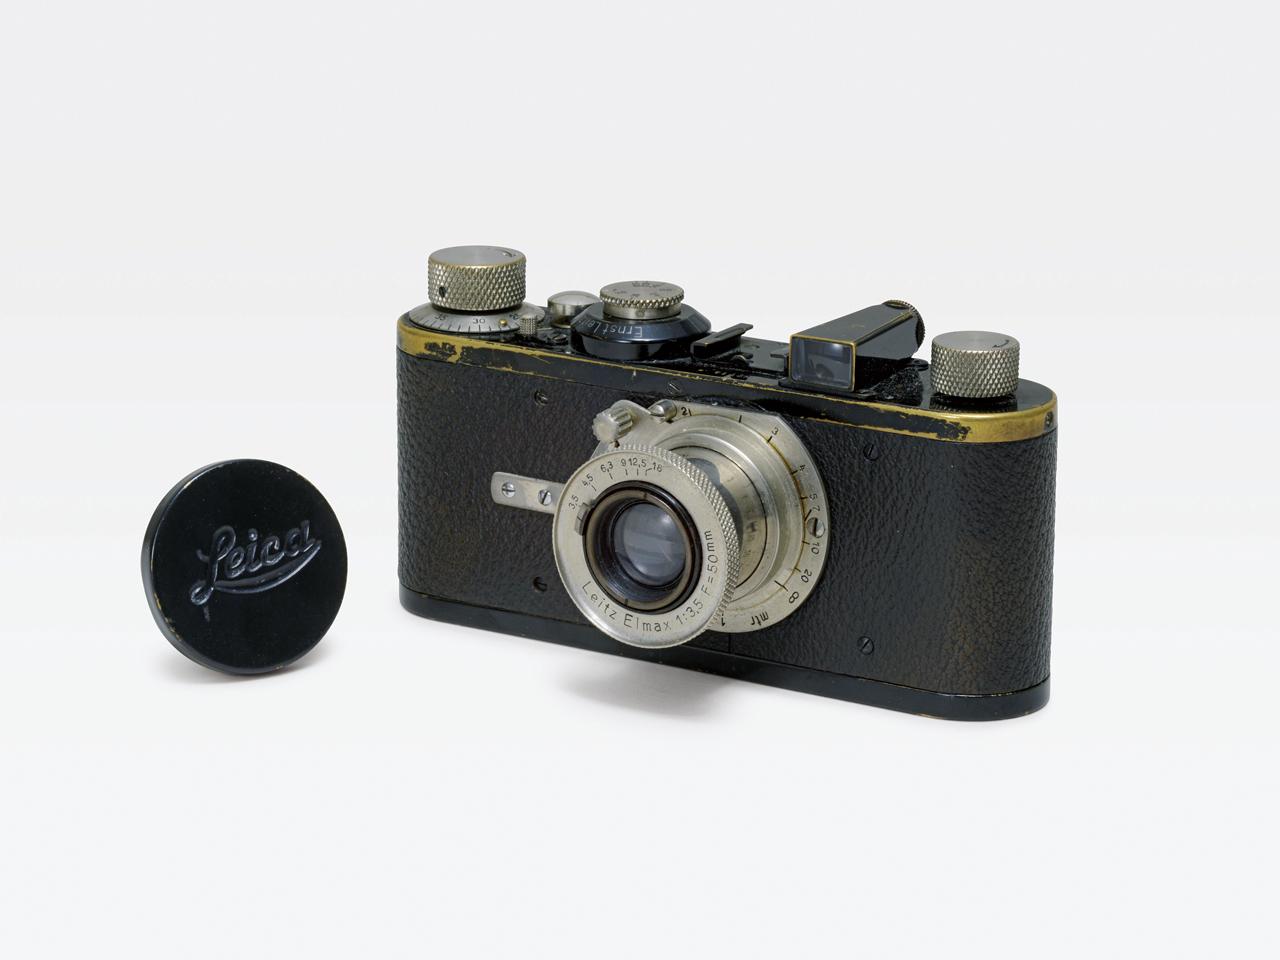 Lot.771 Leica Ⅰ(A) H6.6×W13.5×D4.3cm レンズ:エルマックス 50mm F3.5 シリアルナンバー714 落札予想価格¥1,000,000.~¥1,500,000.